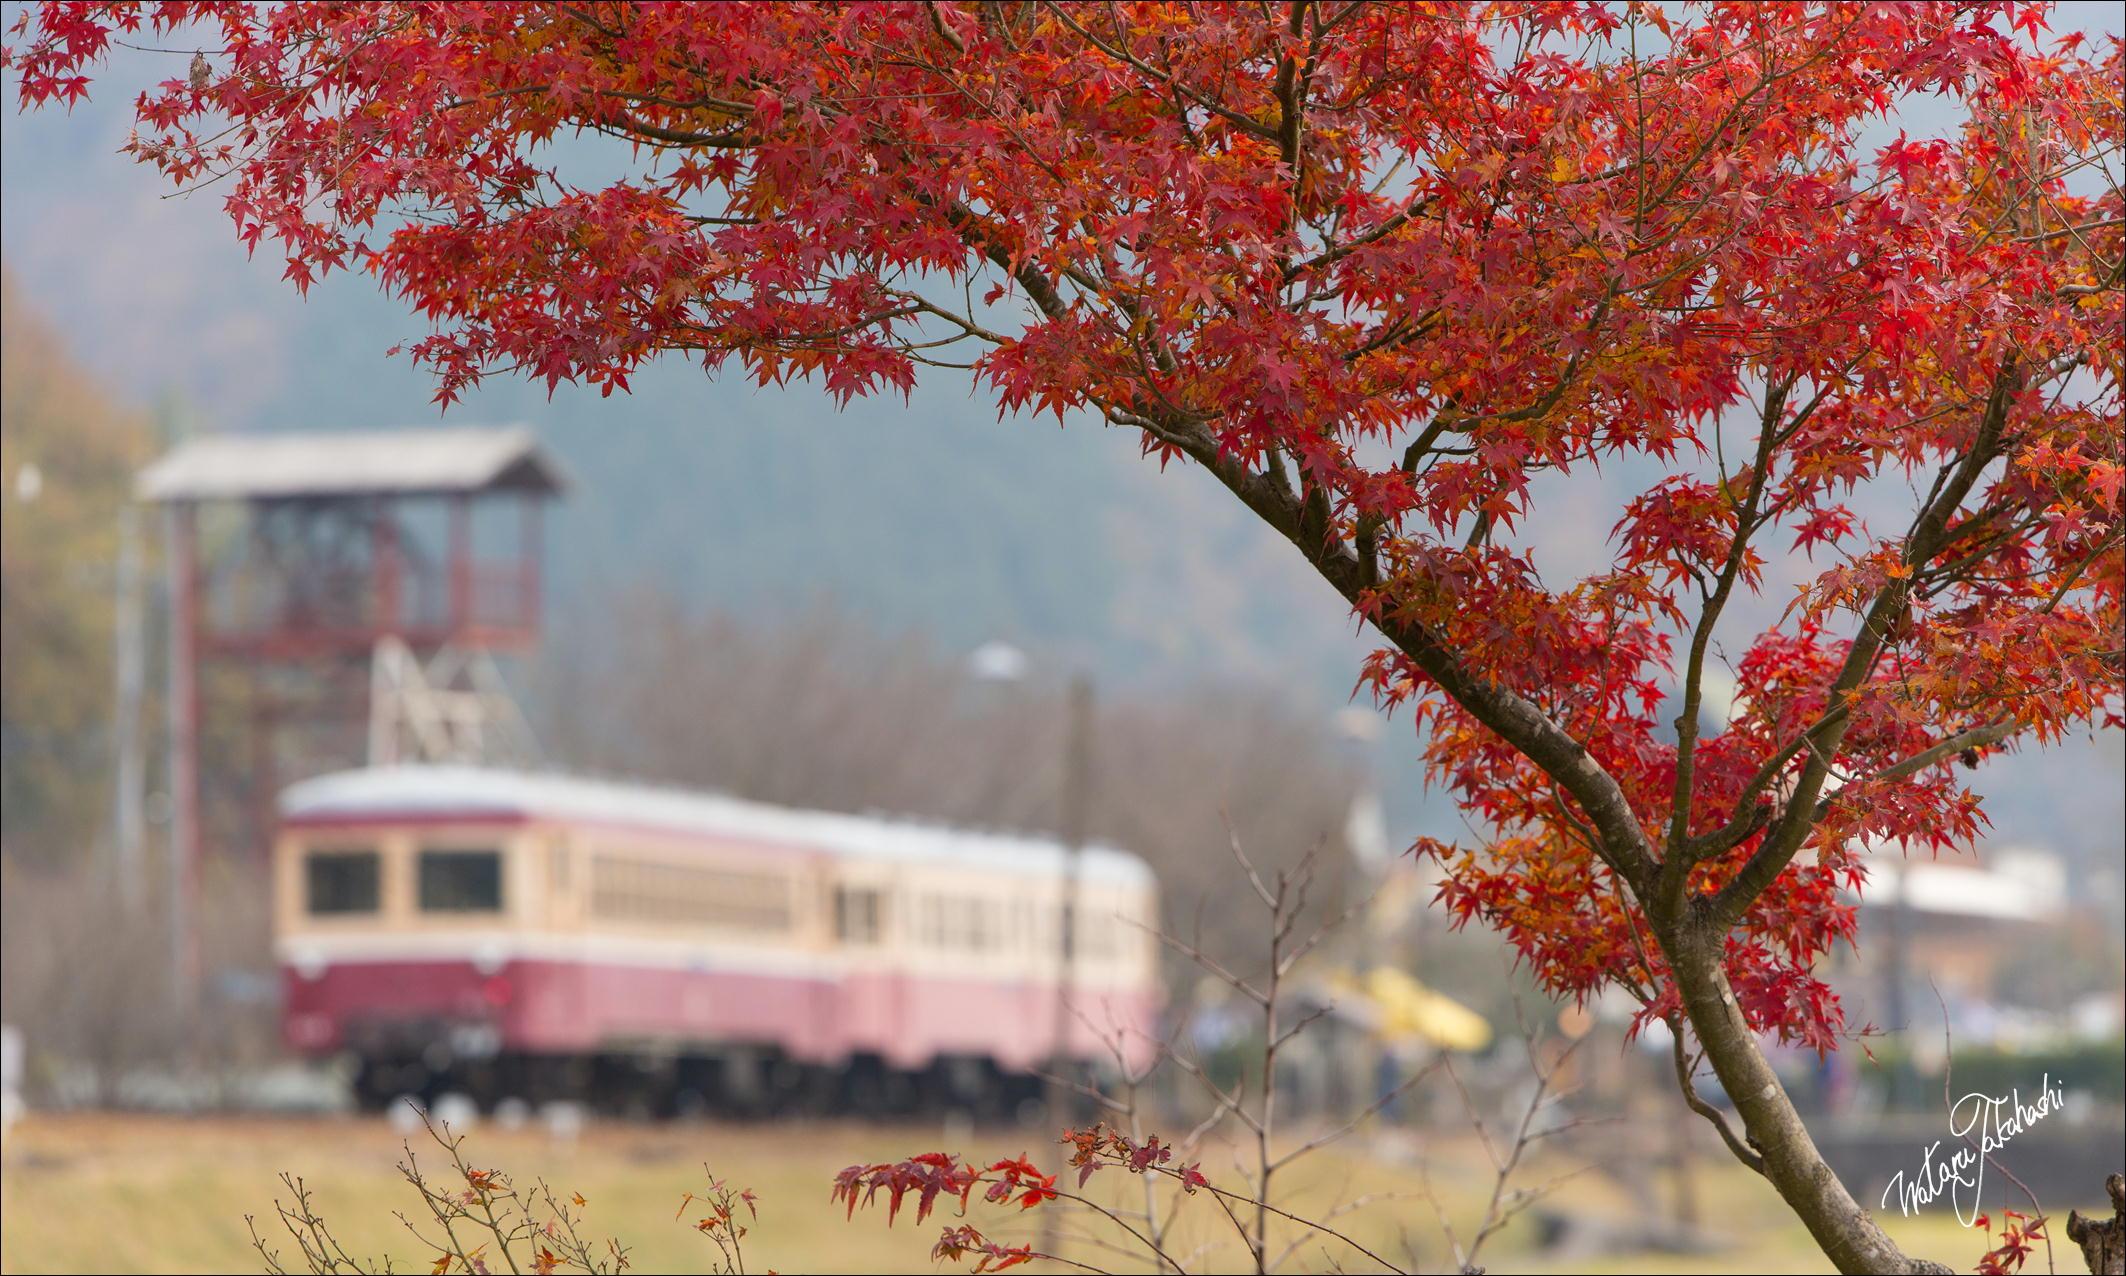 紅葉と一緒にねらう片上鉄道